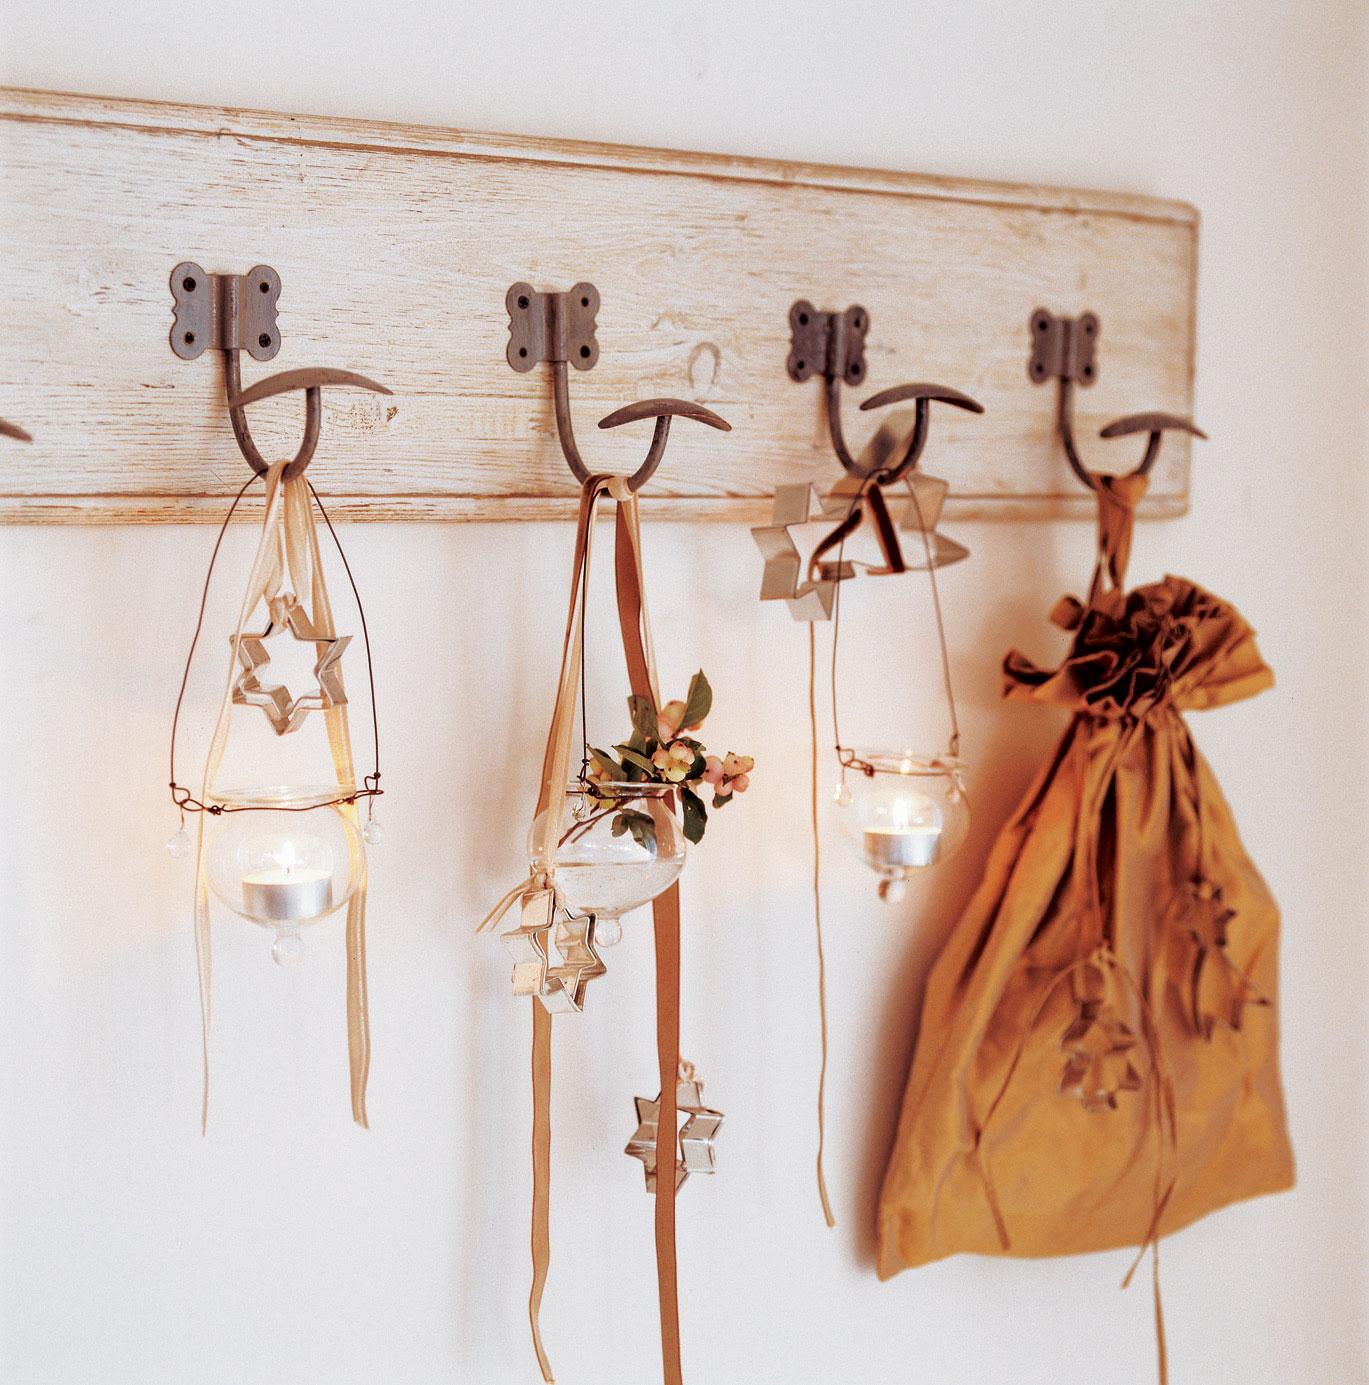 Detalles e ideas en plata para decorar tu casa esta navidad - Juegos de adornar casas de navidad ...